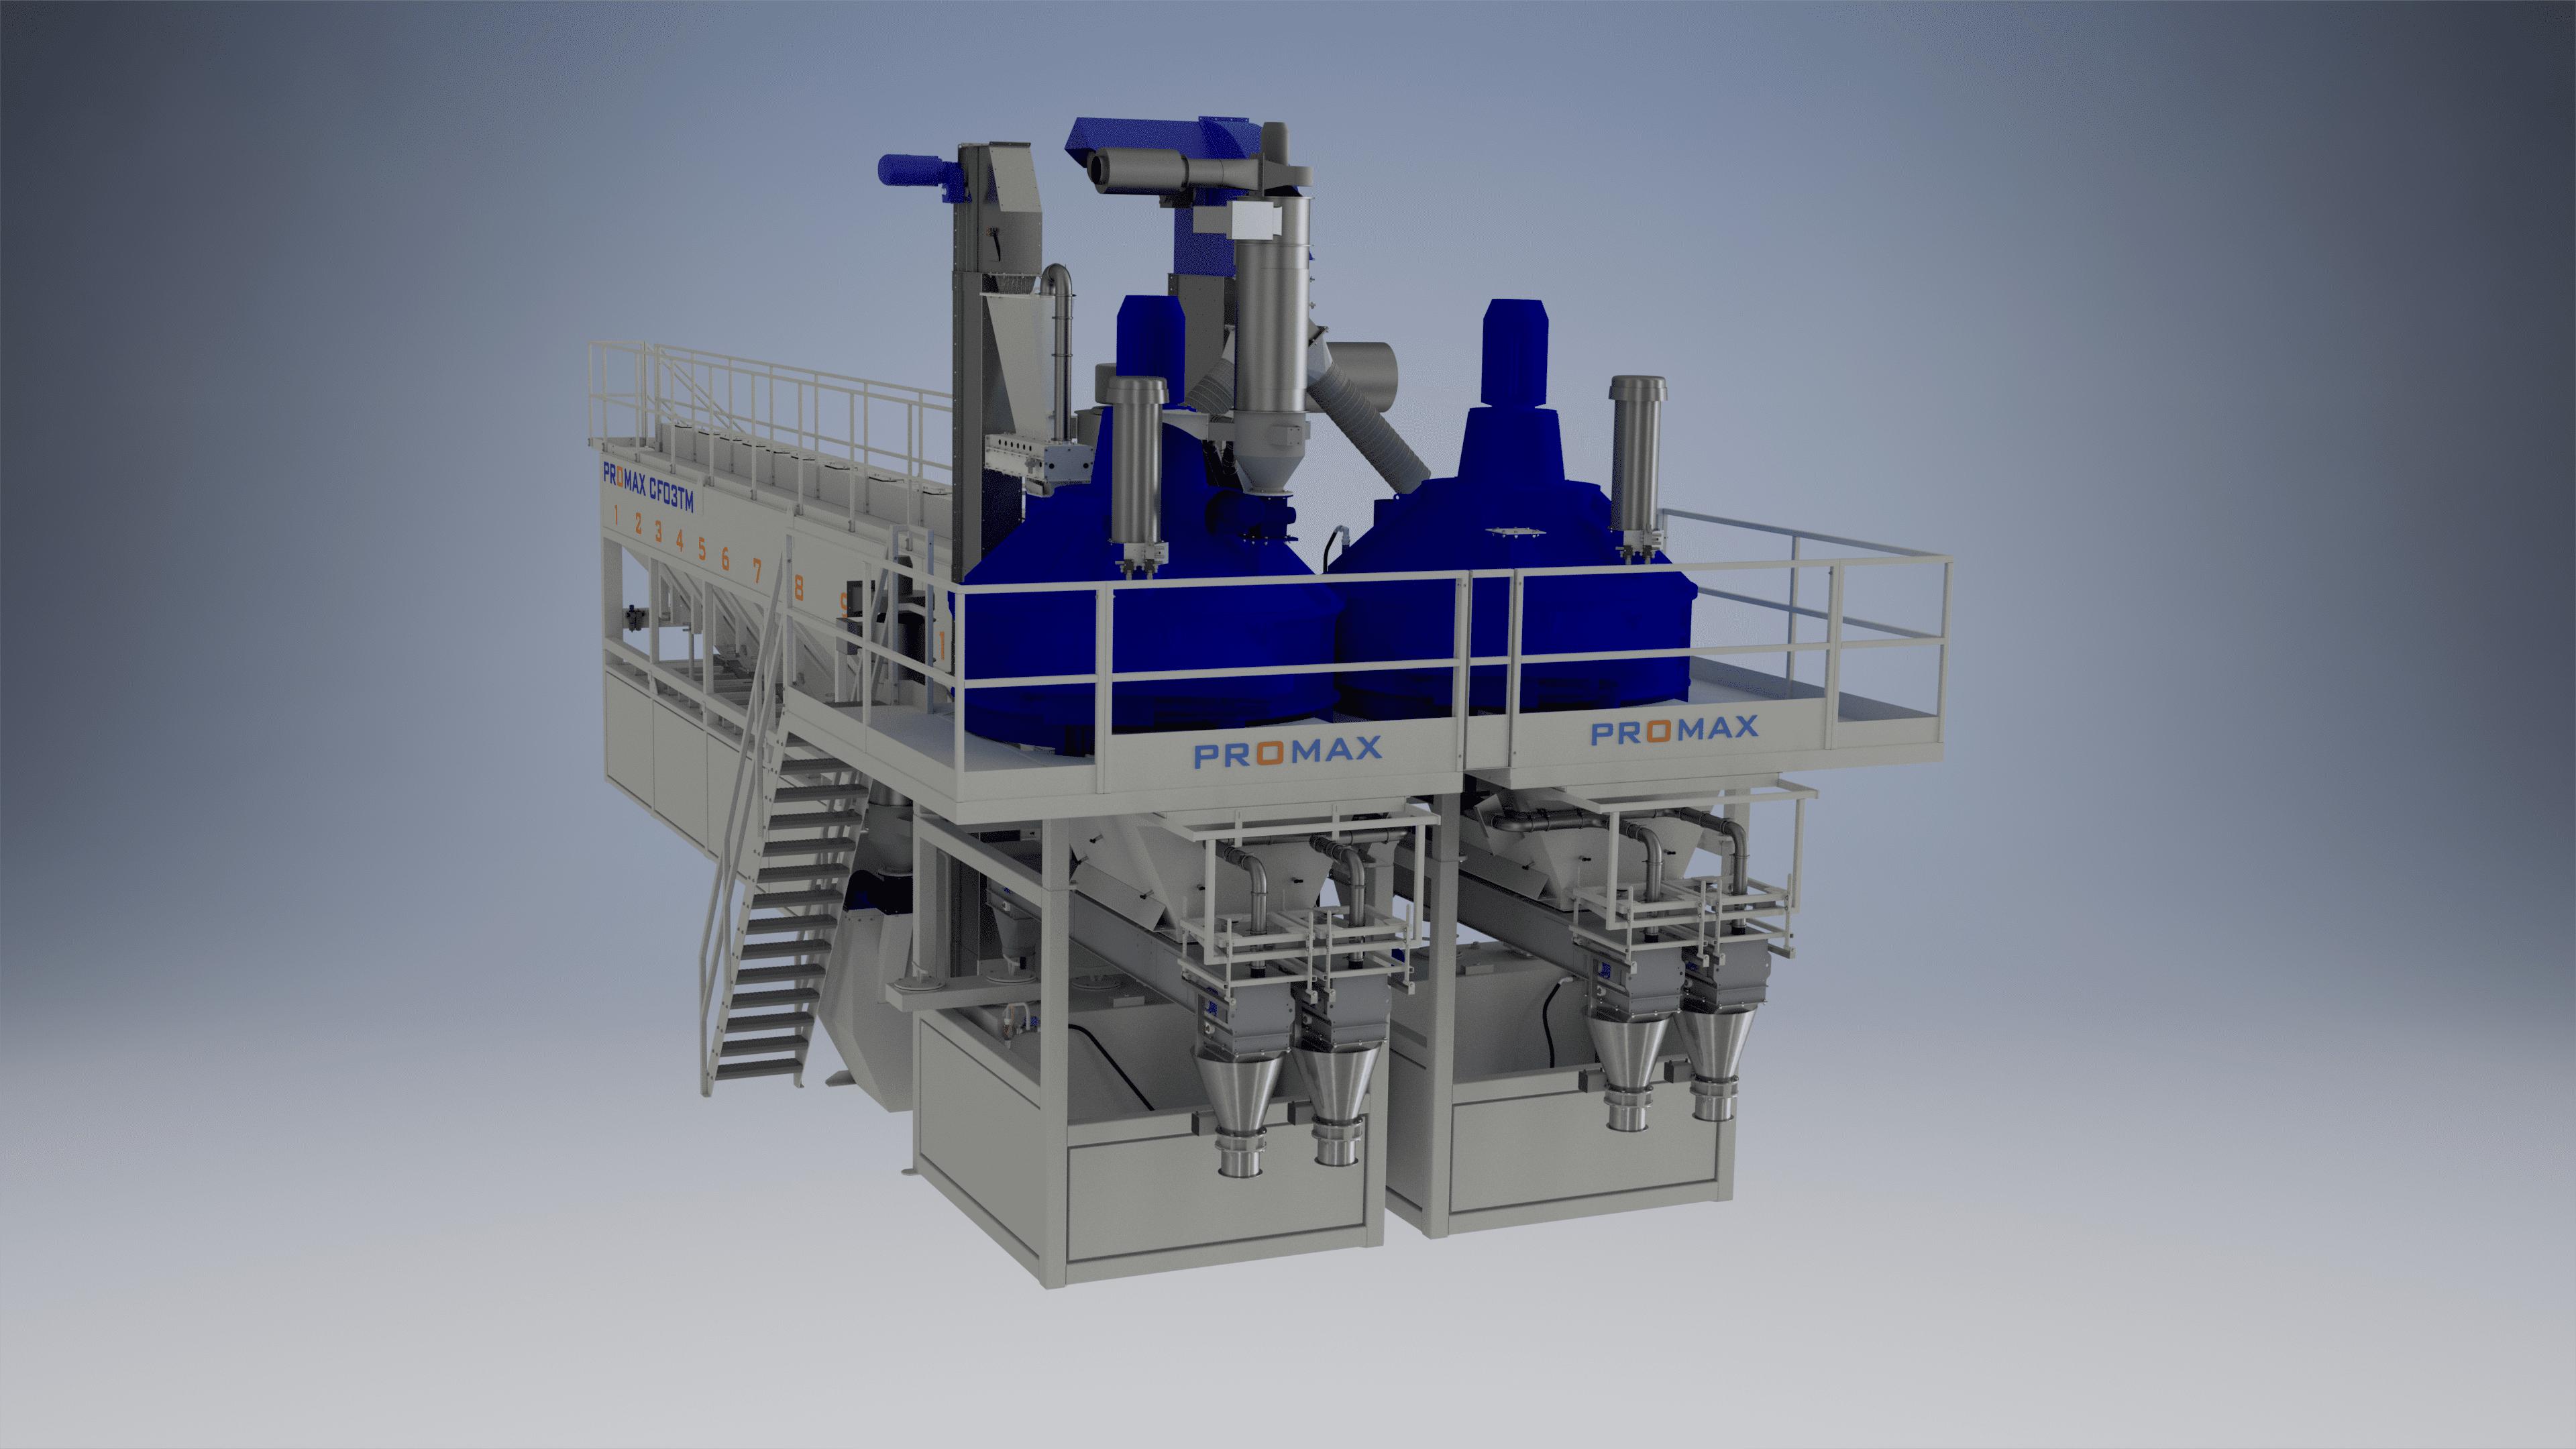 Promax Industries